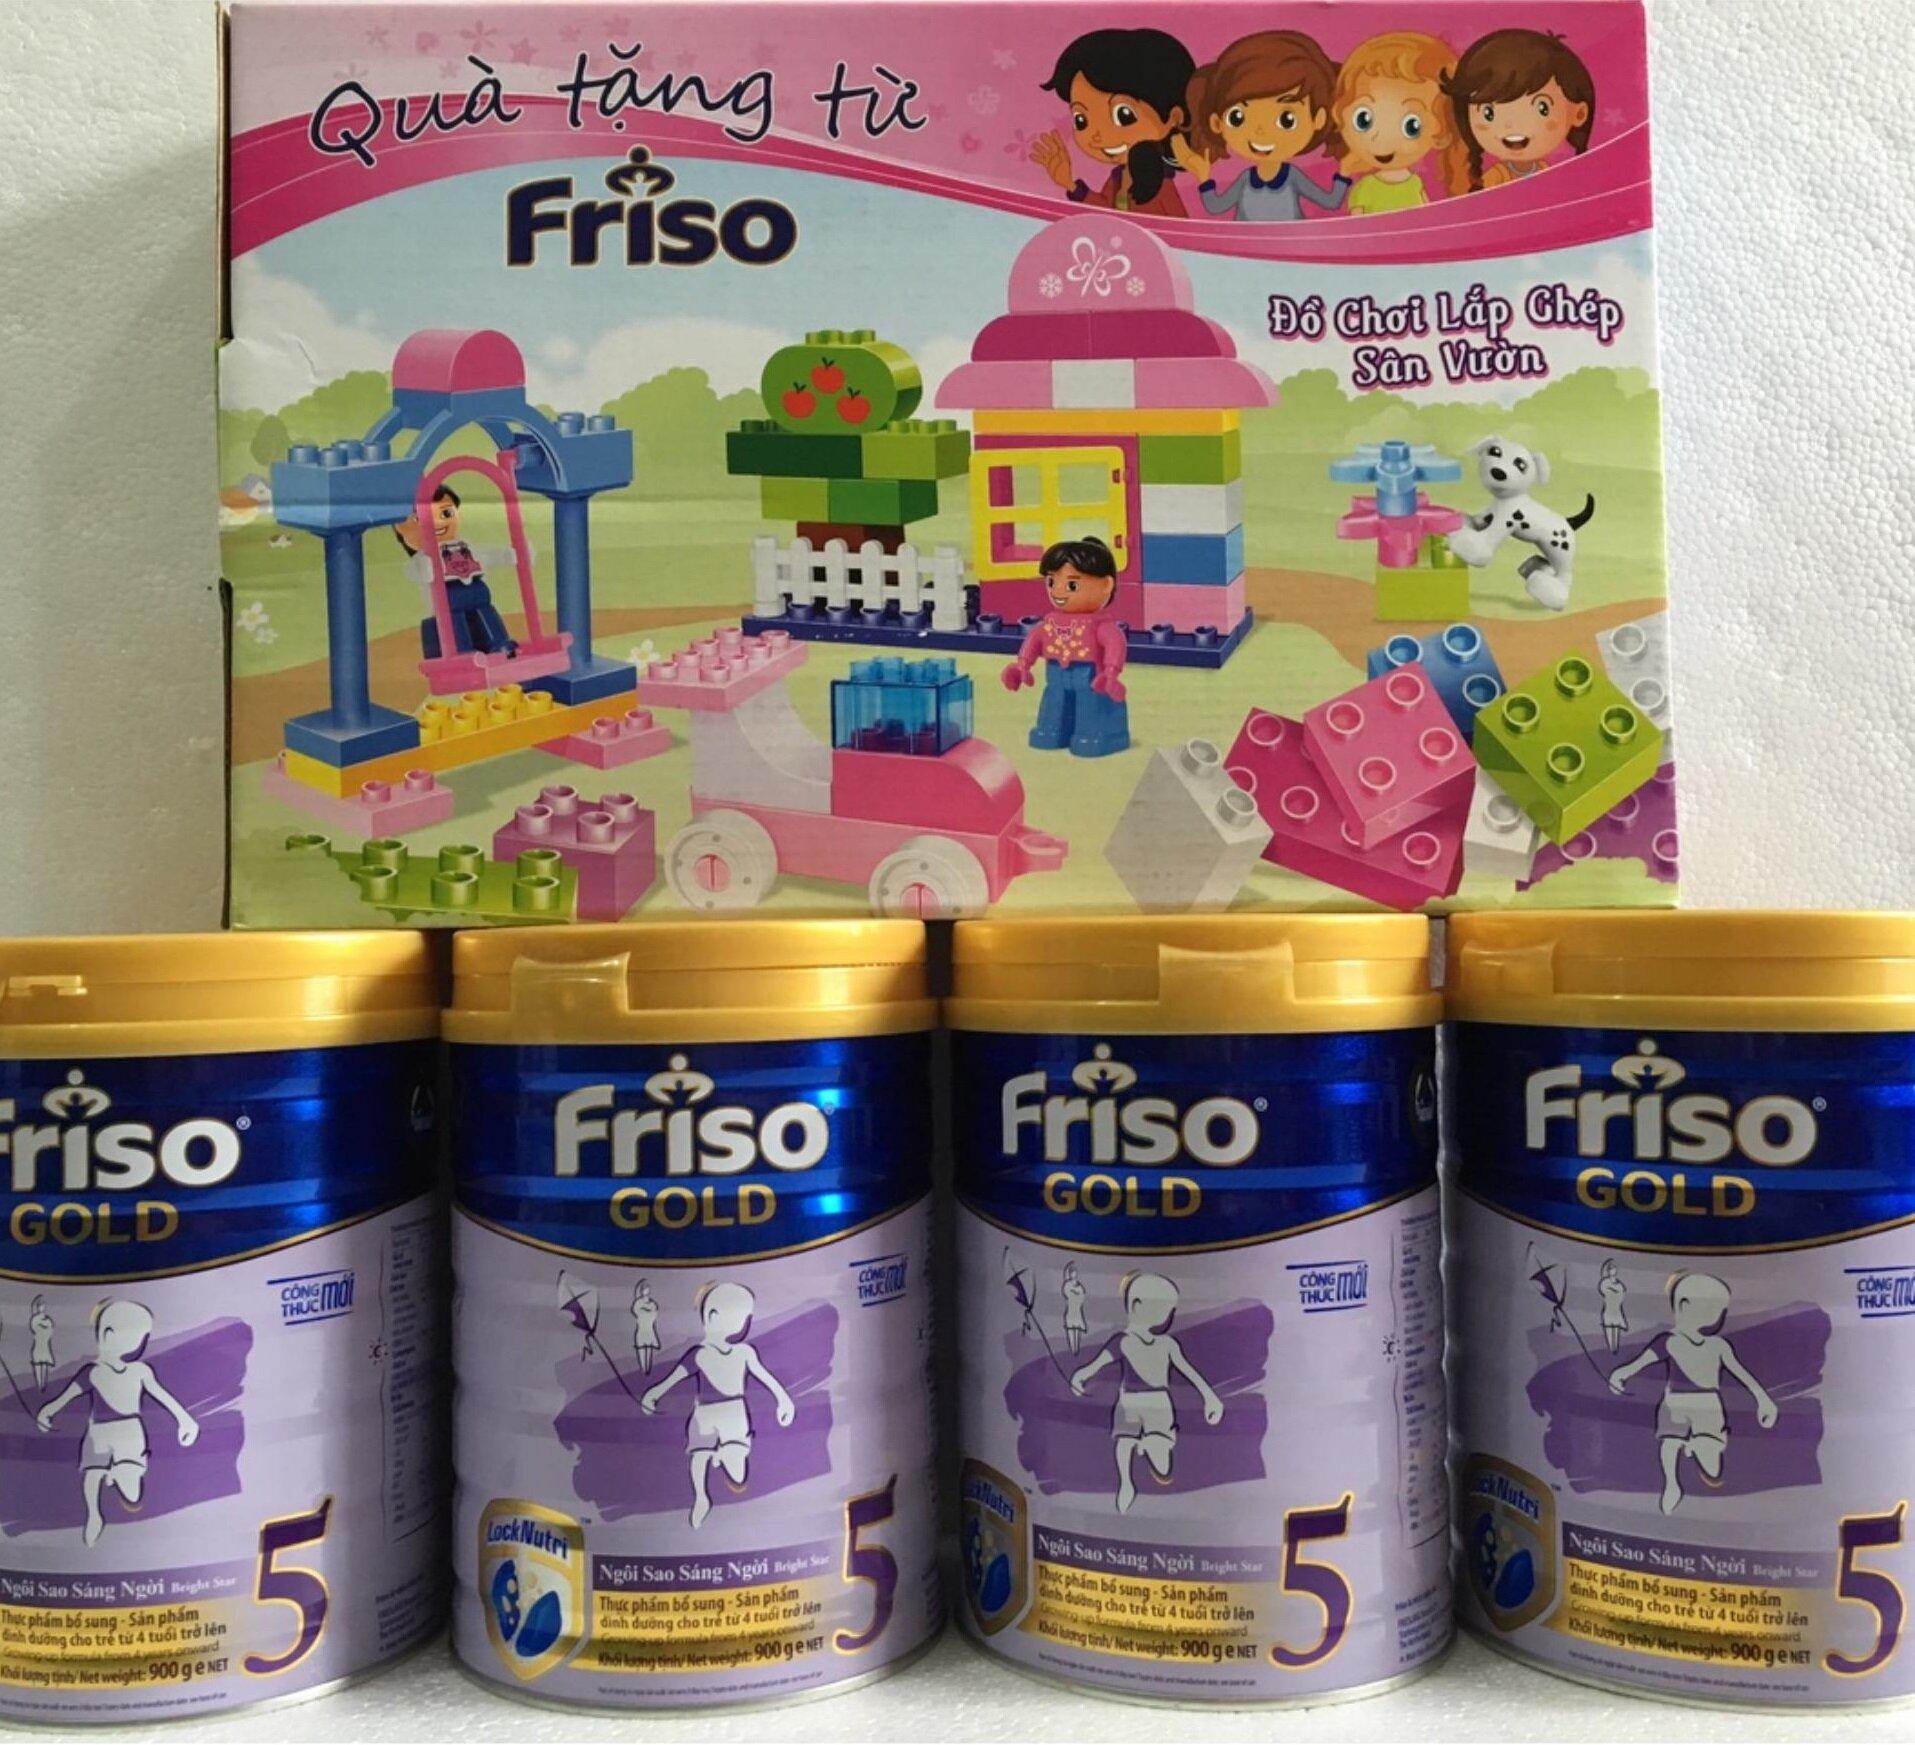 Sữa Friso Gold 5 giúp phát triển thể chất, trí tuệ vượt trội